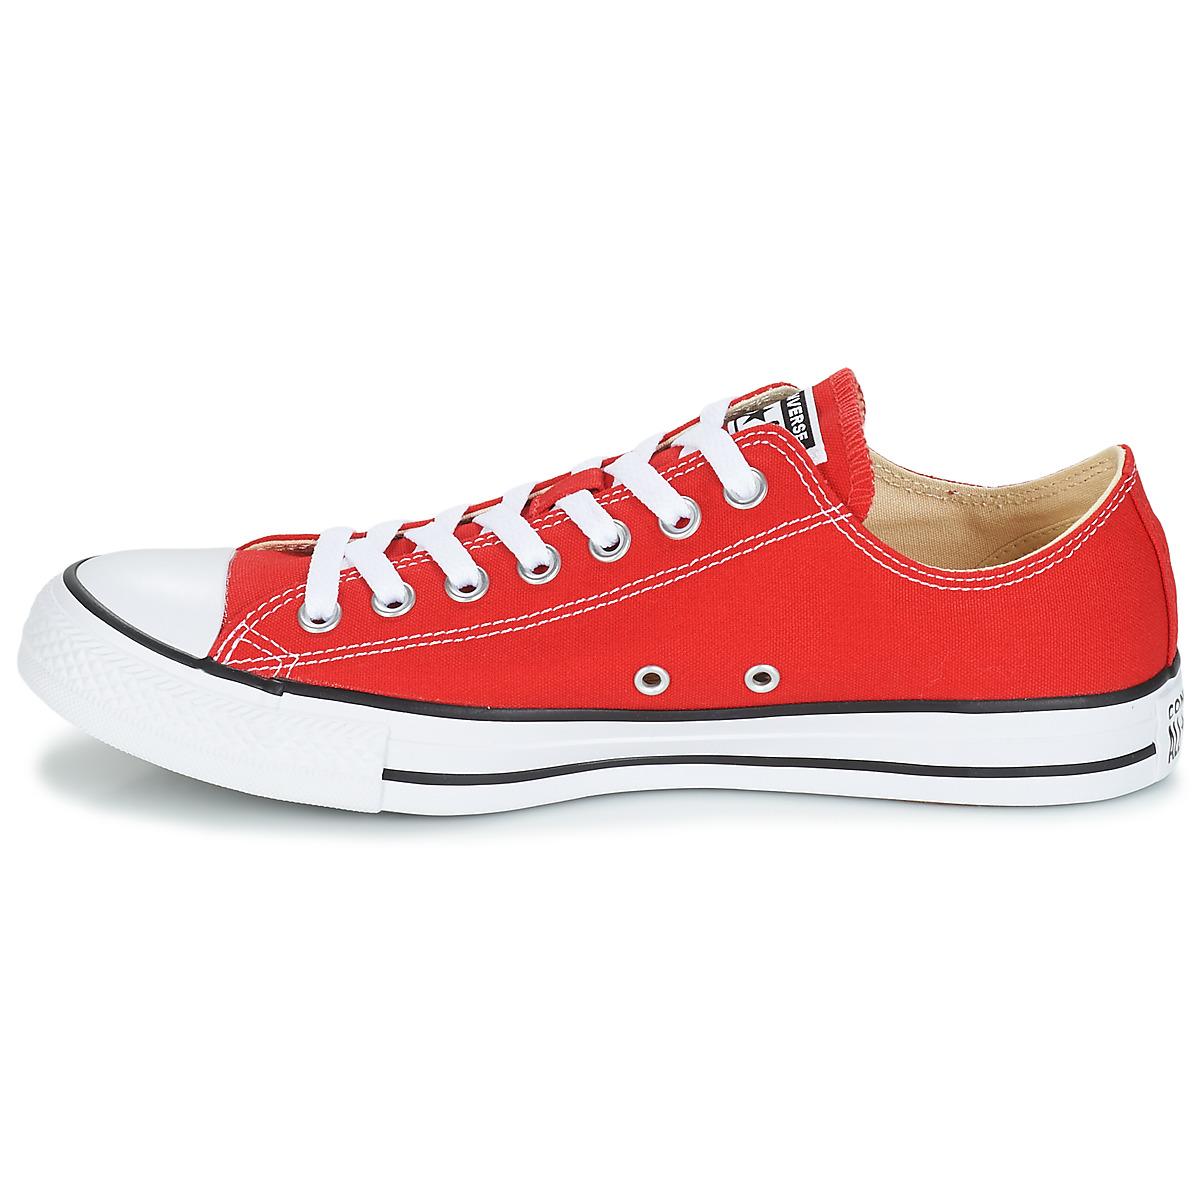 61dea83c08 Sneakers Scarpe donna Converse CHUCK TAYLOR ALL STAR CORE OX Rosso ...